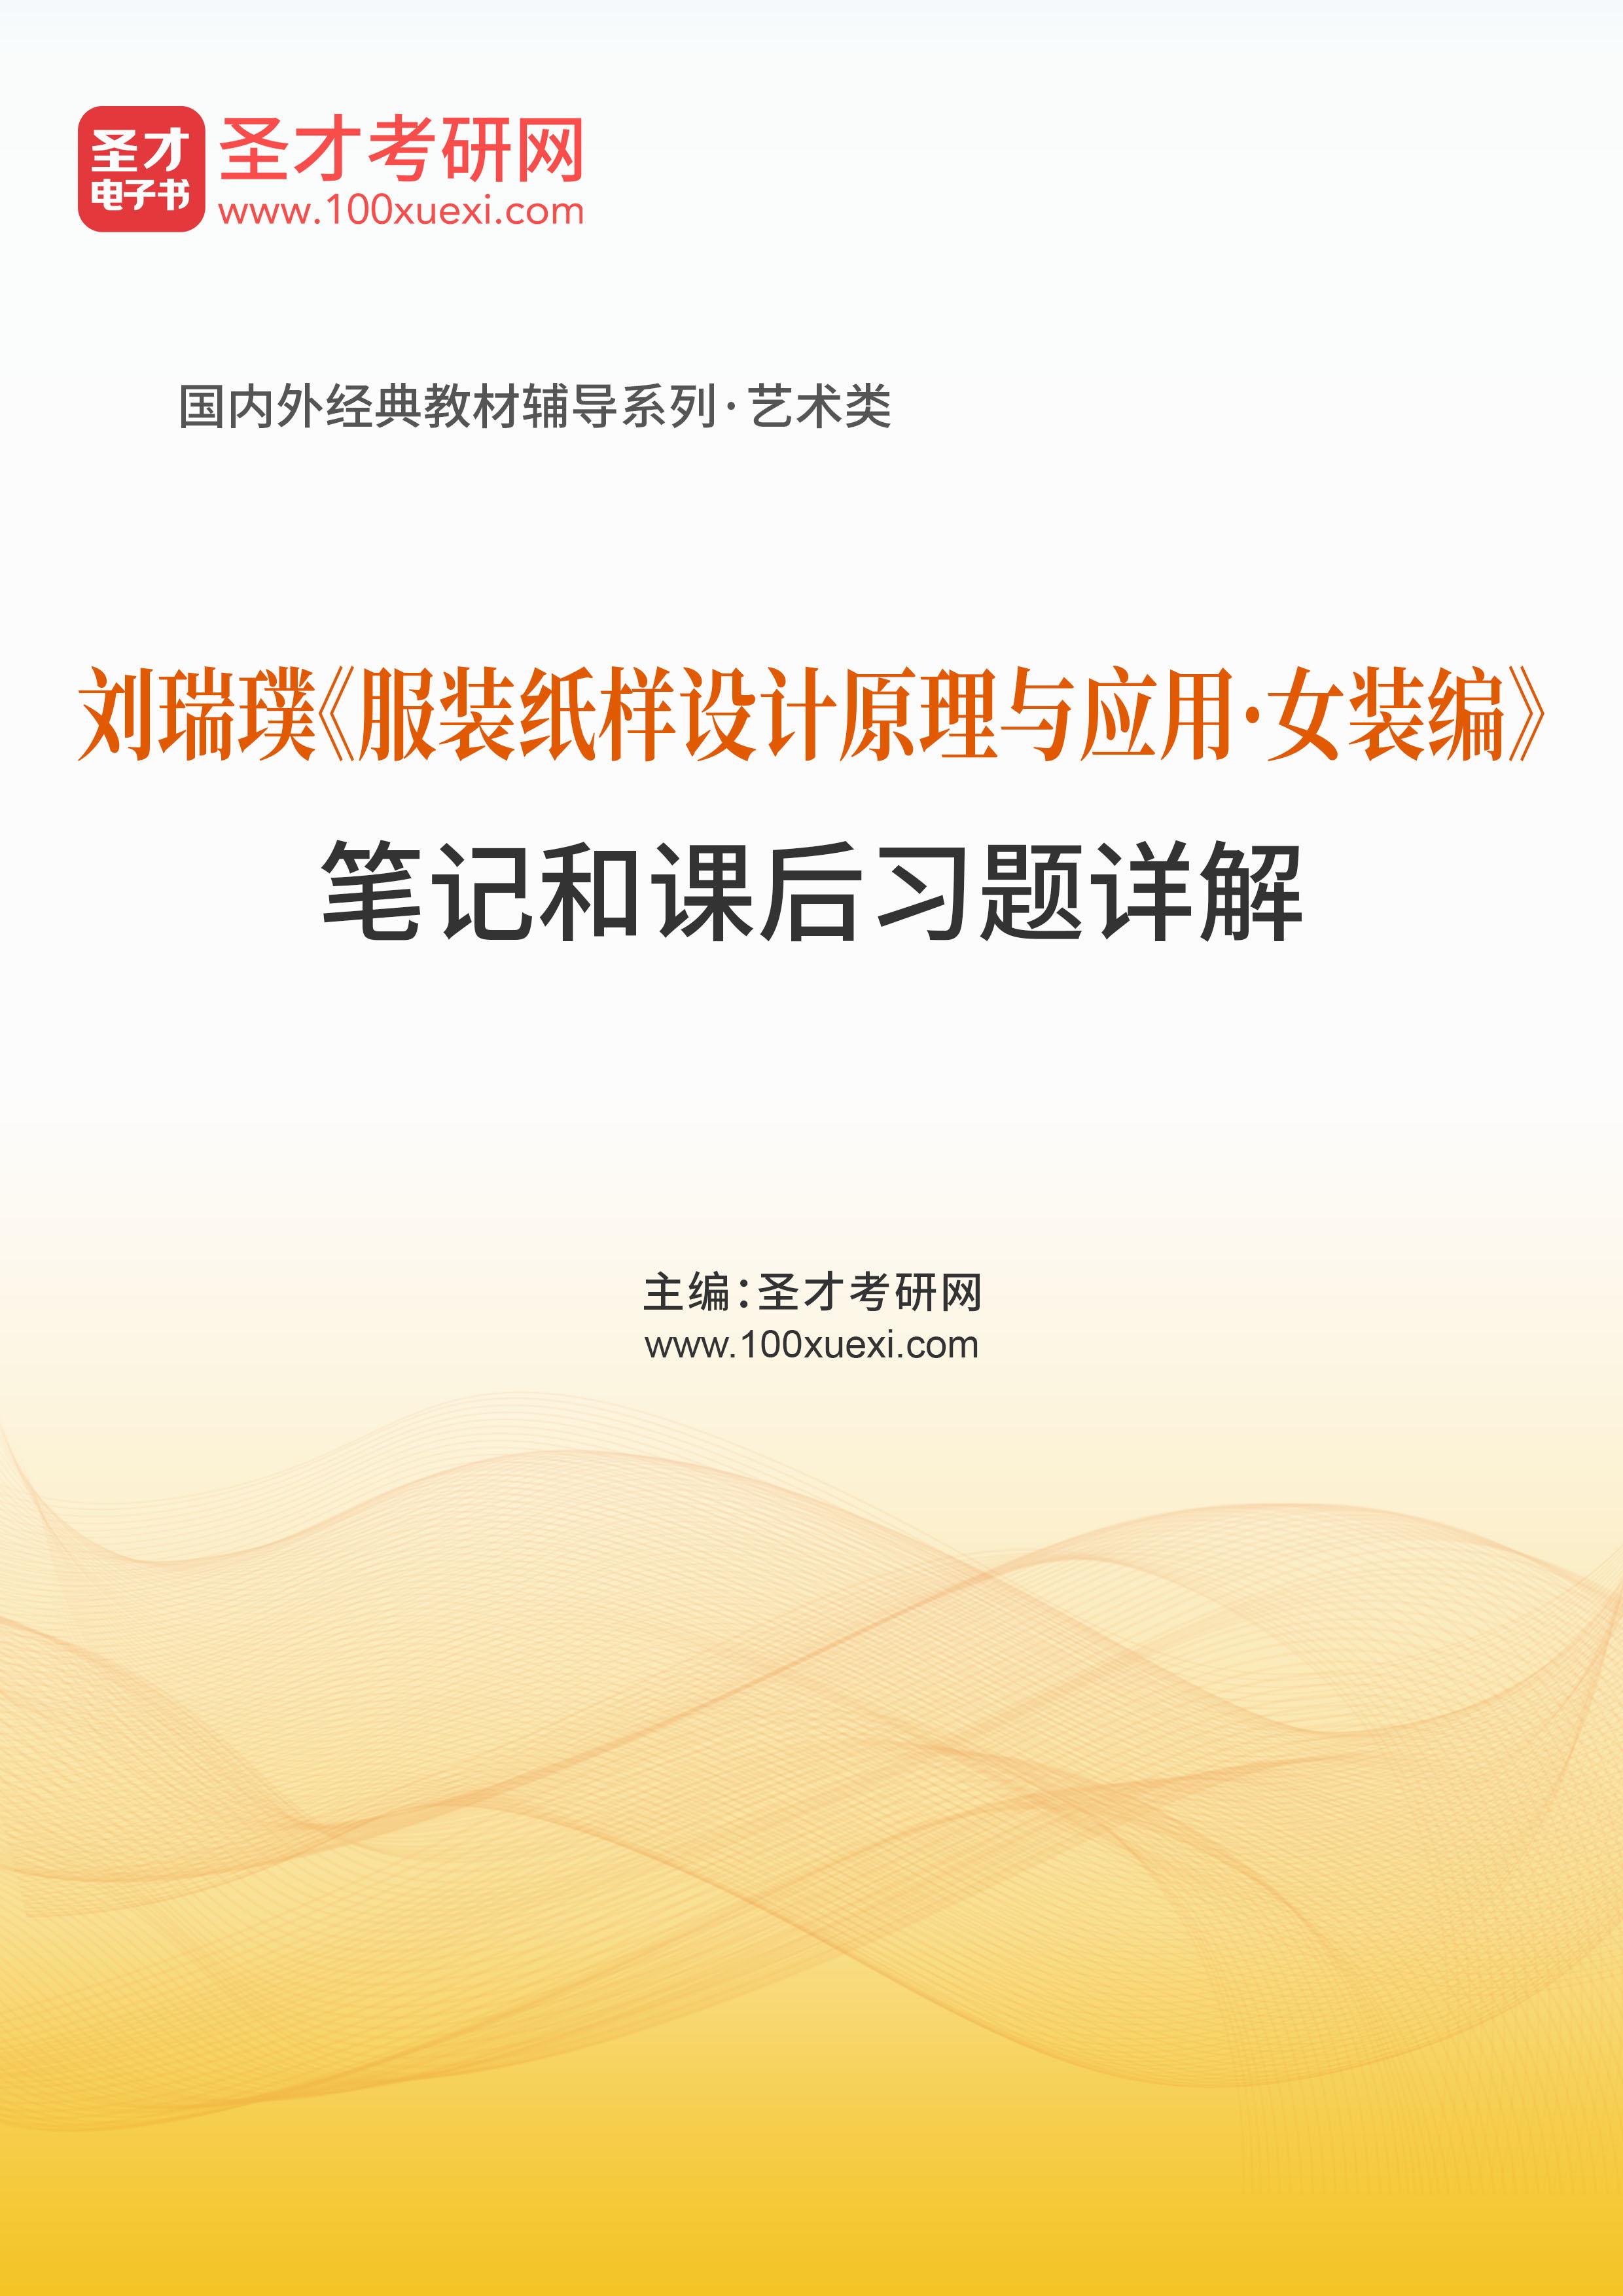 刘瑞璞《服装纸样设计原理与应用·女装编》笔记和课后习题详解